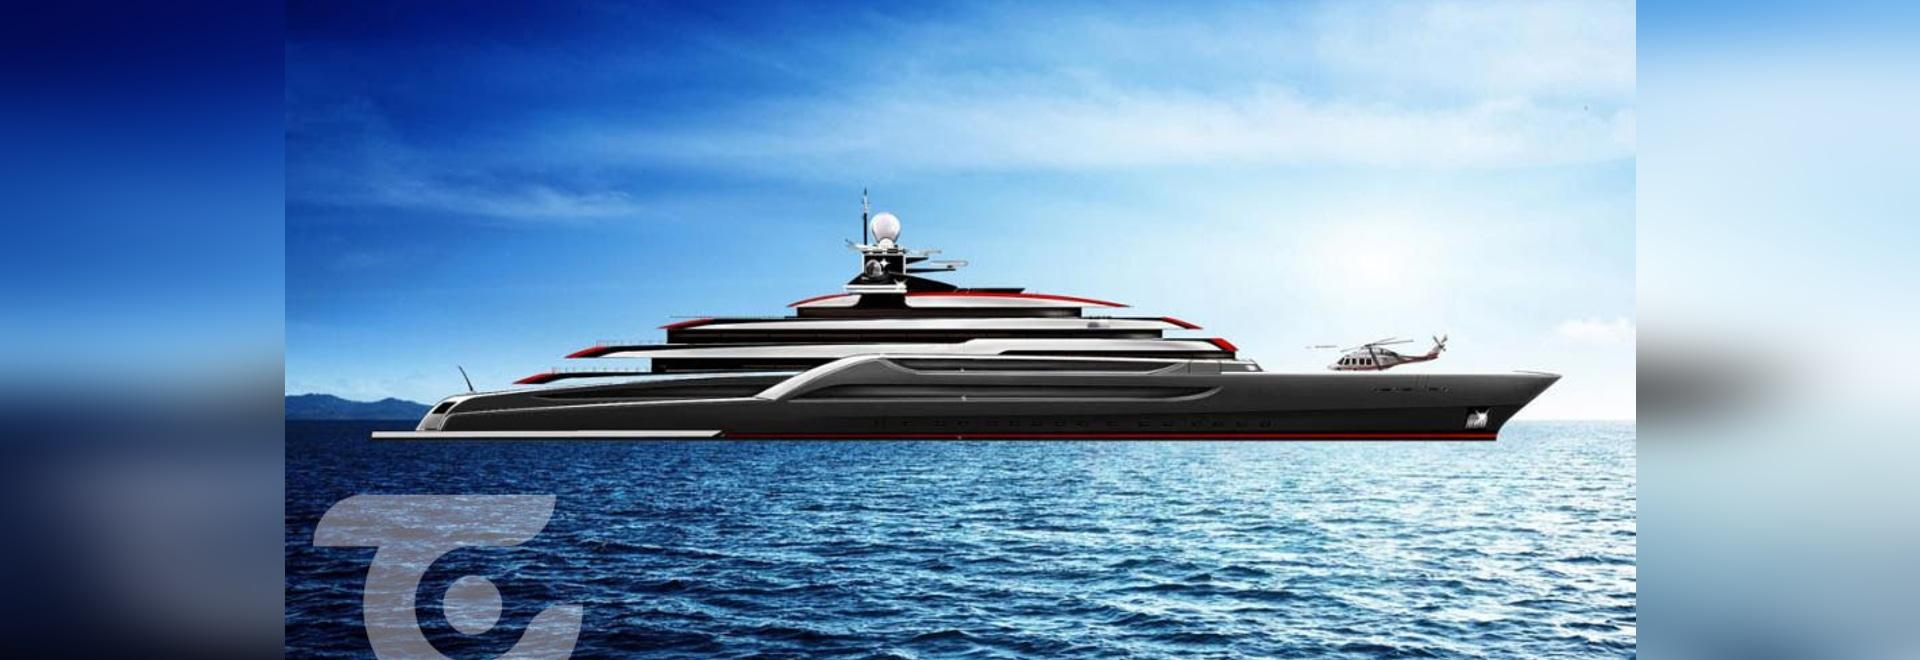 Lürssen per sviluppare nuovo progetto del superyacht di 116m con Moran